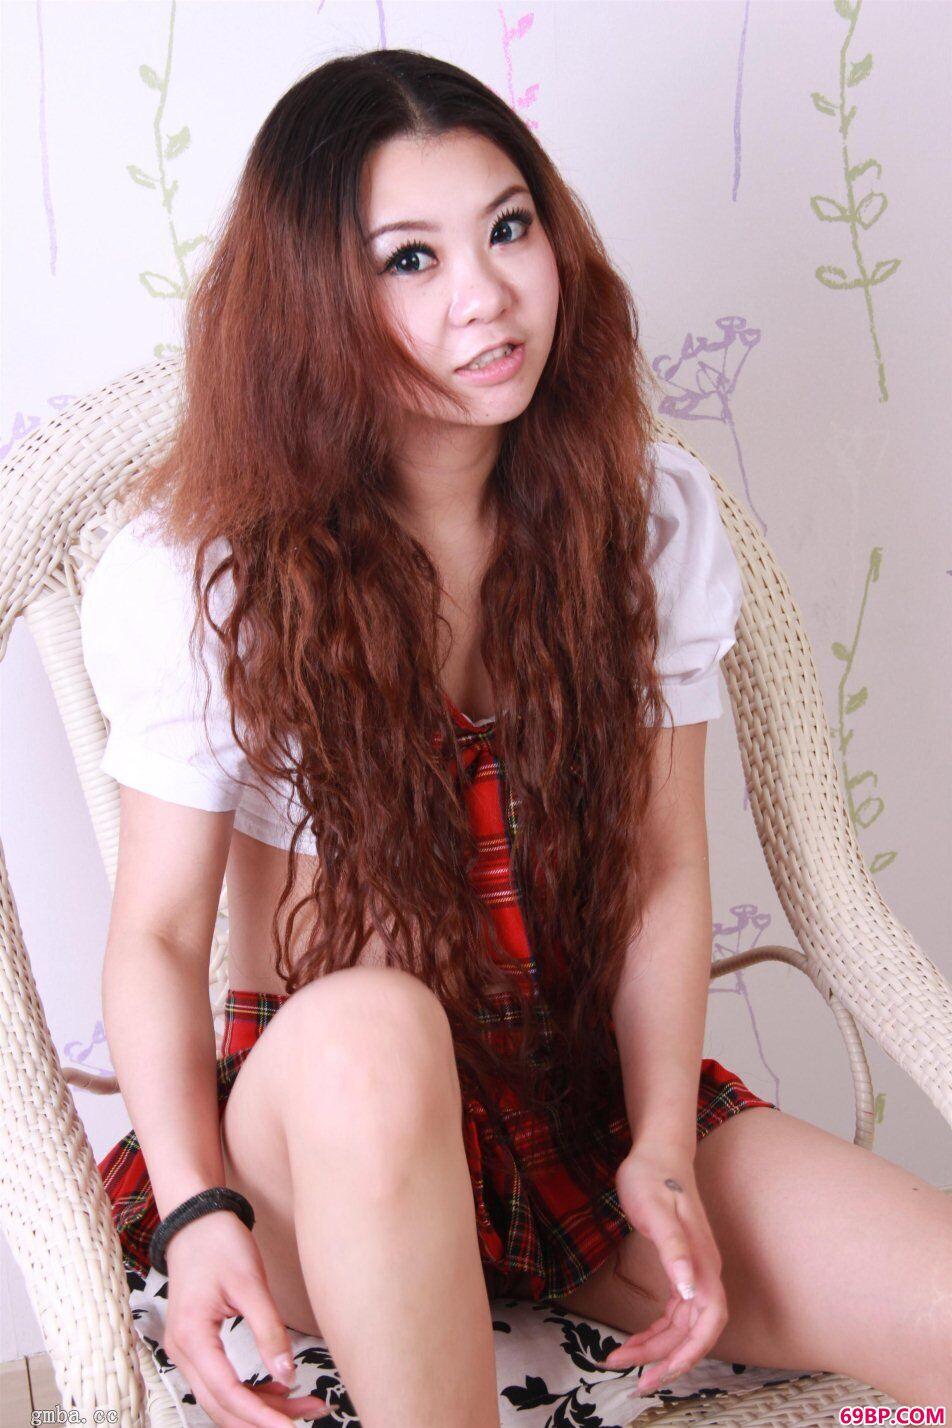 长头发国模四眼学生妹雅雅私拍装裙下风采人体照_西西人体广西柳州莫菁